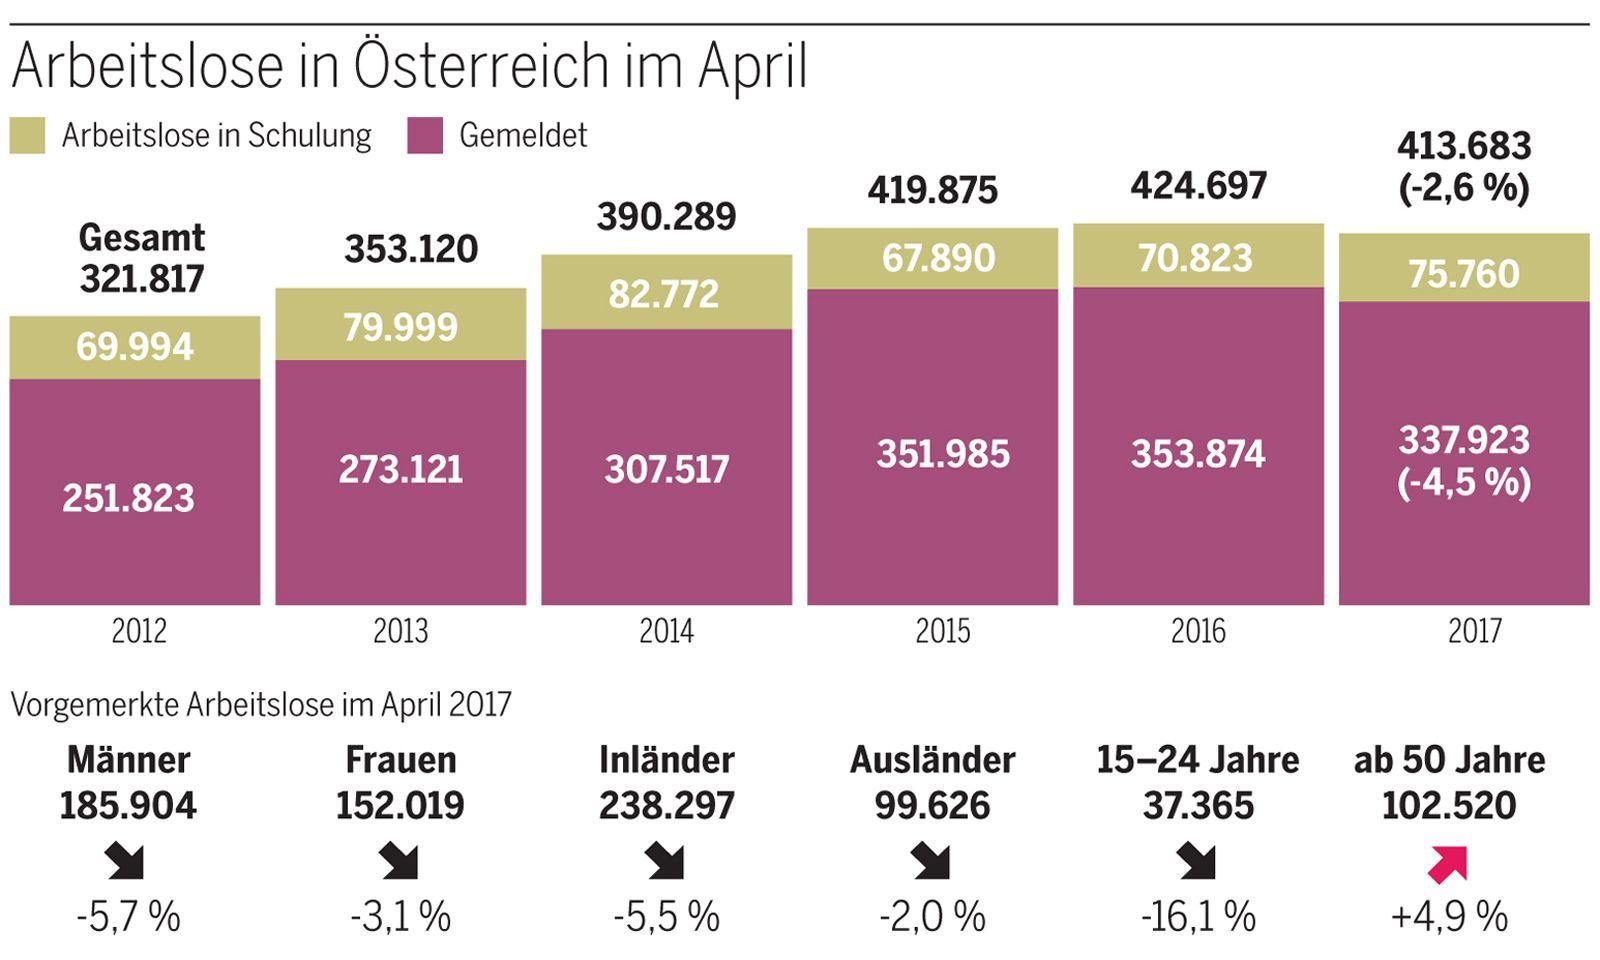 Arbeitslose in Österreich im April